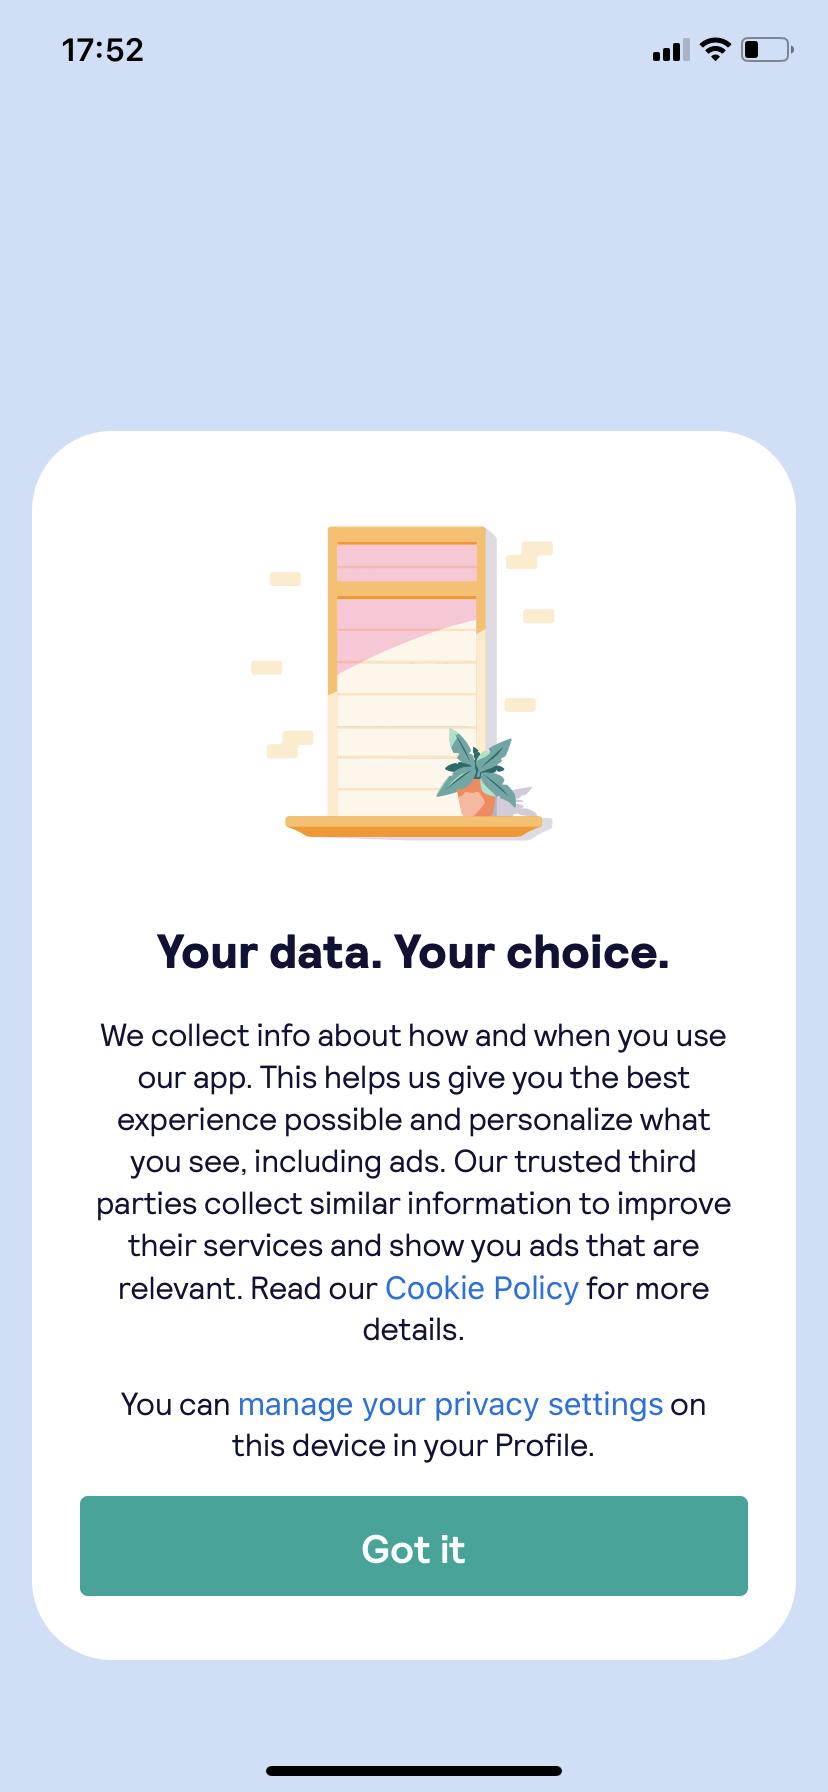 skyscanner mobile app data privacy fullscreen modal window